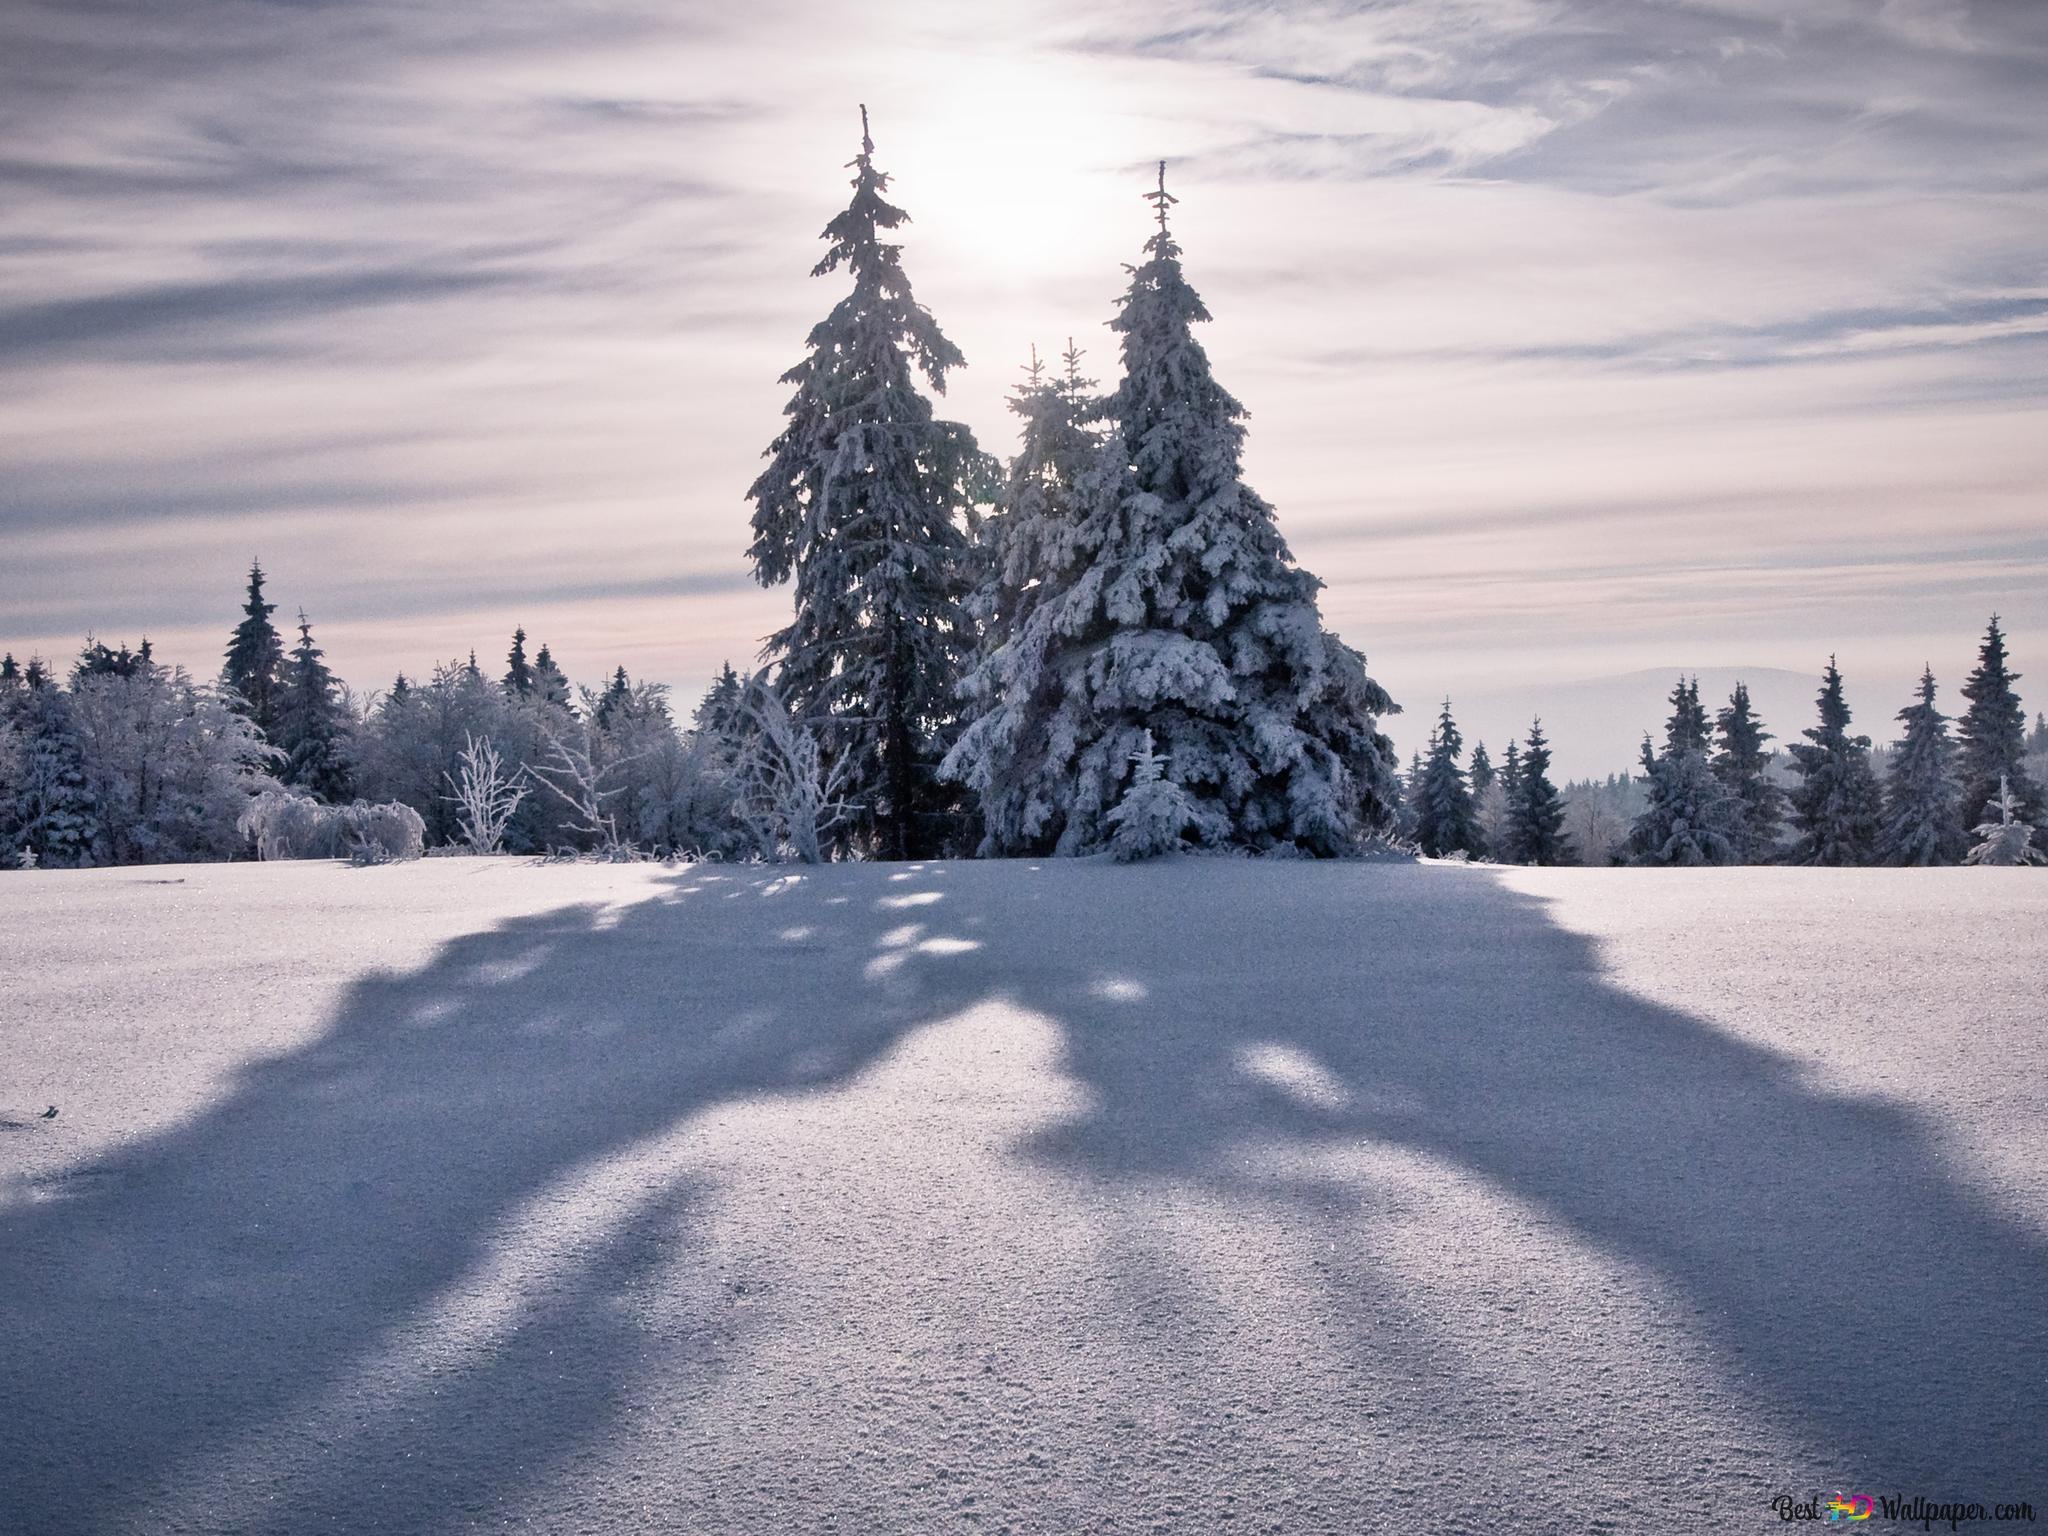 冬の雪の背景 Hd壁紙のダウンロード